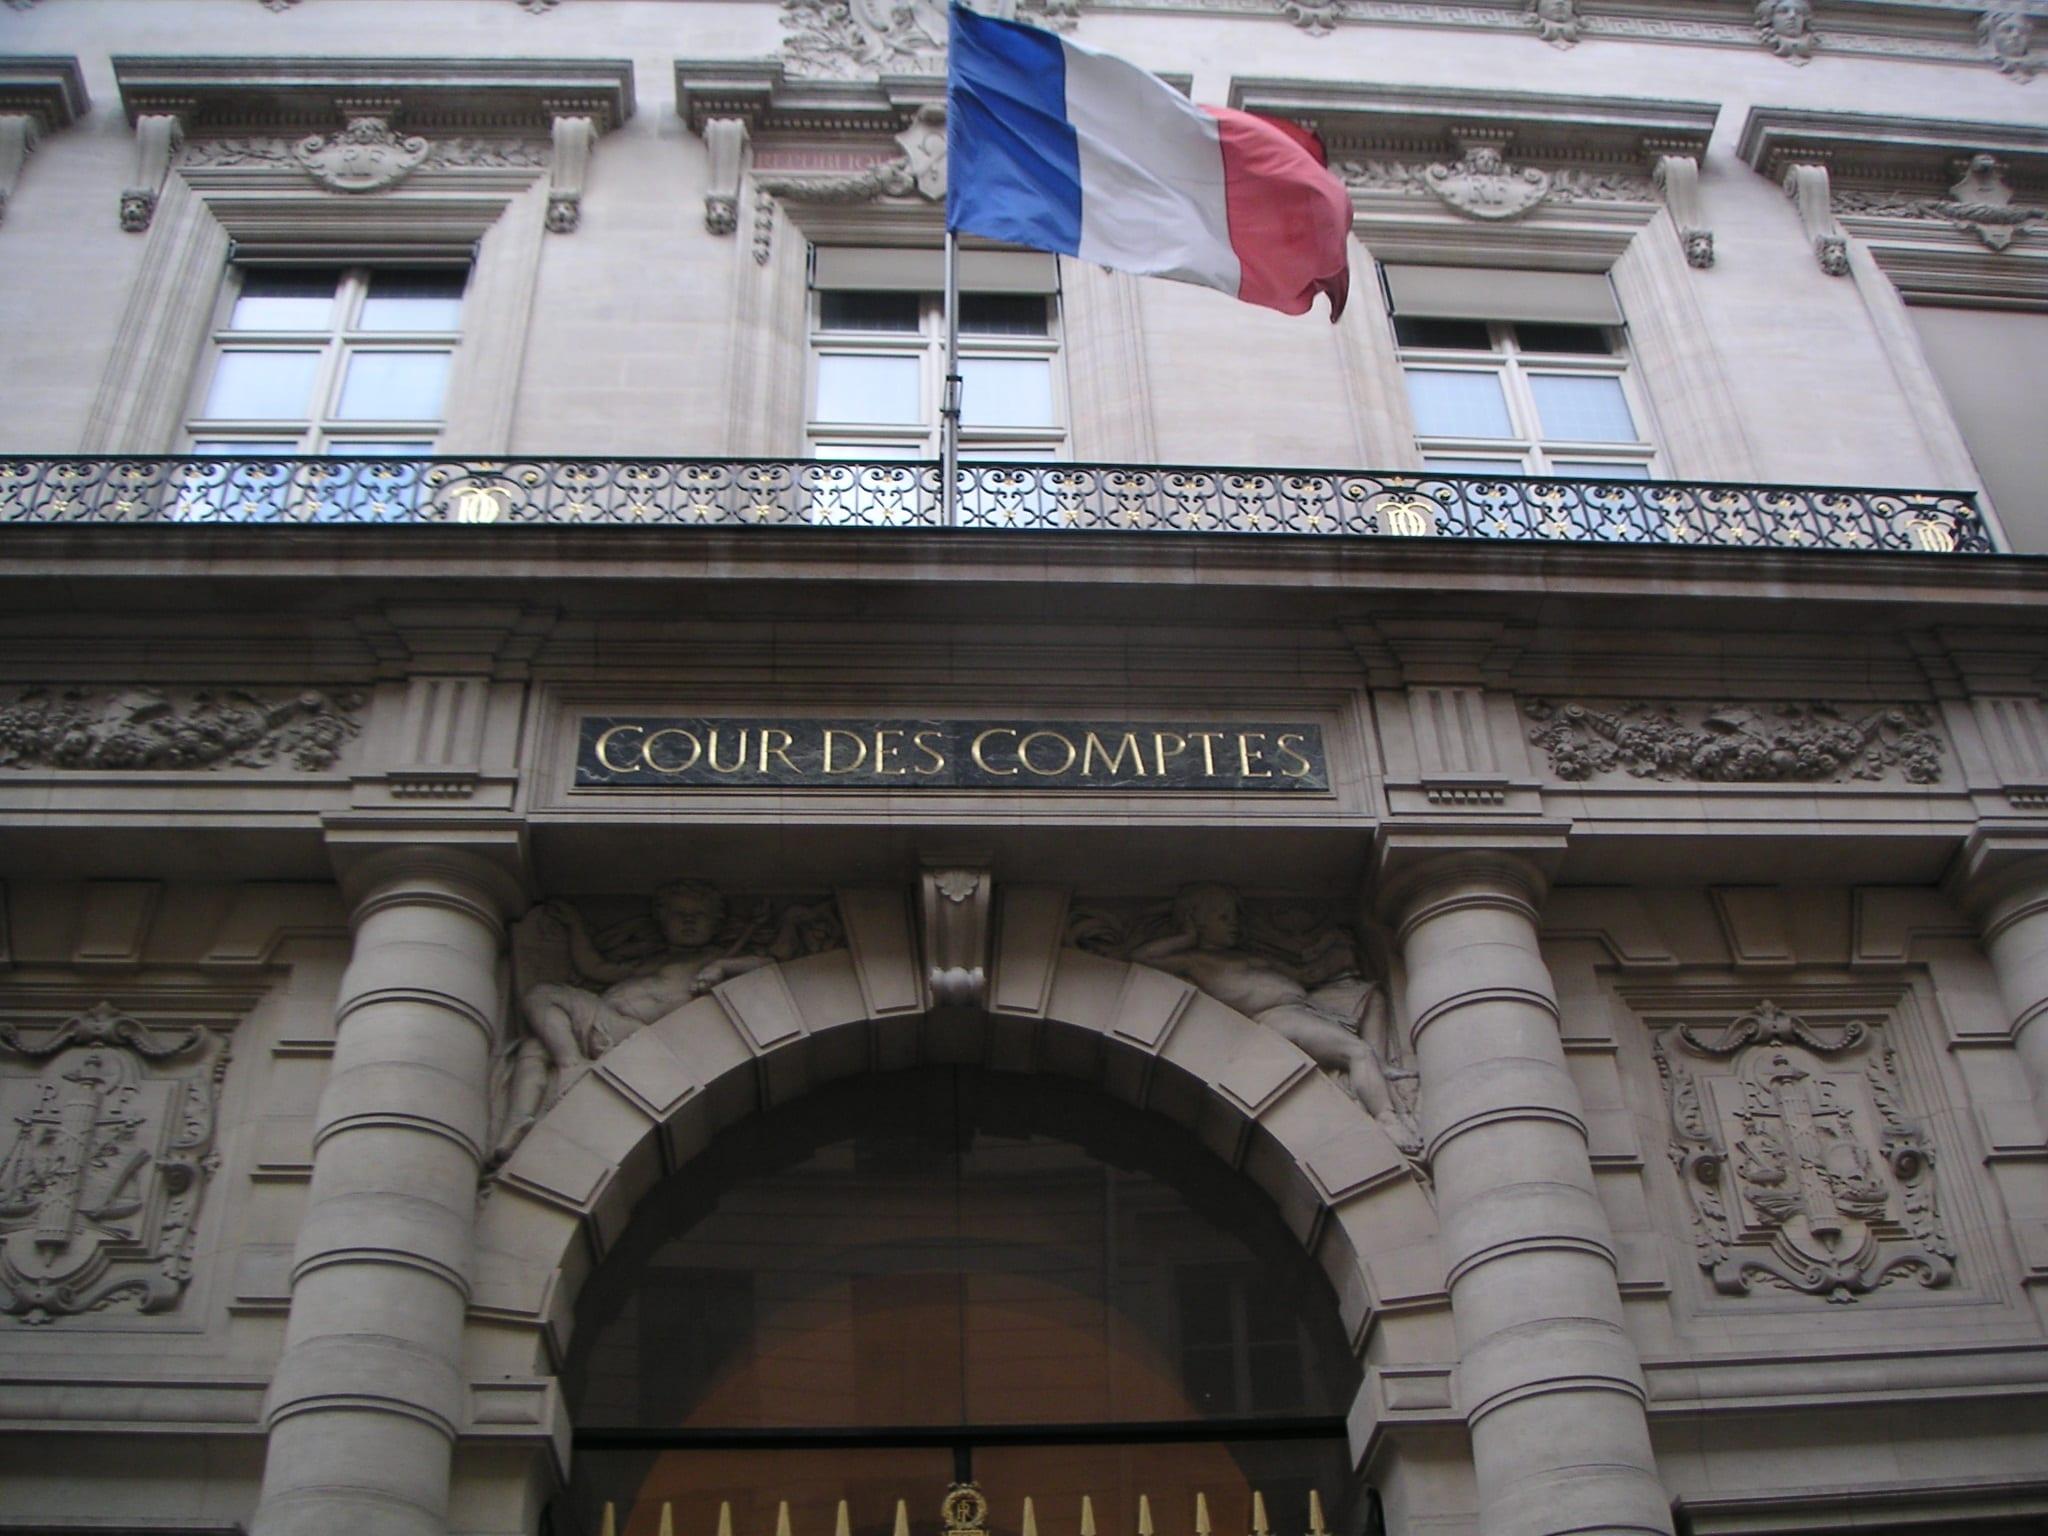 Cour des comptes Paris